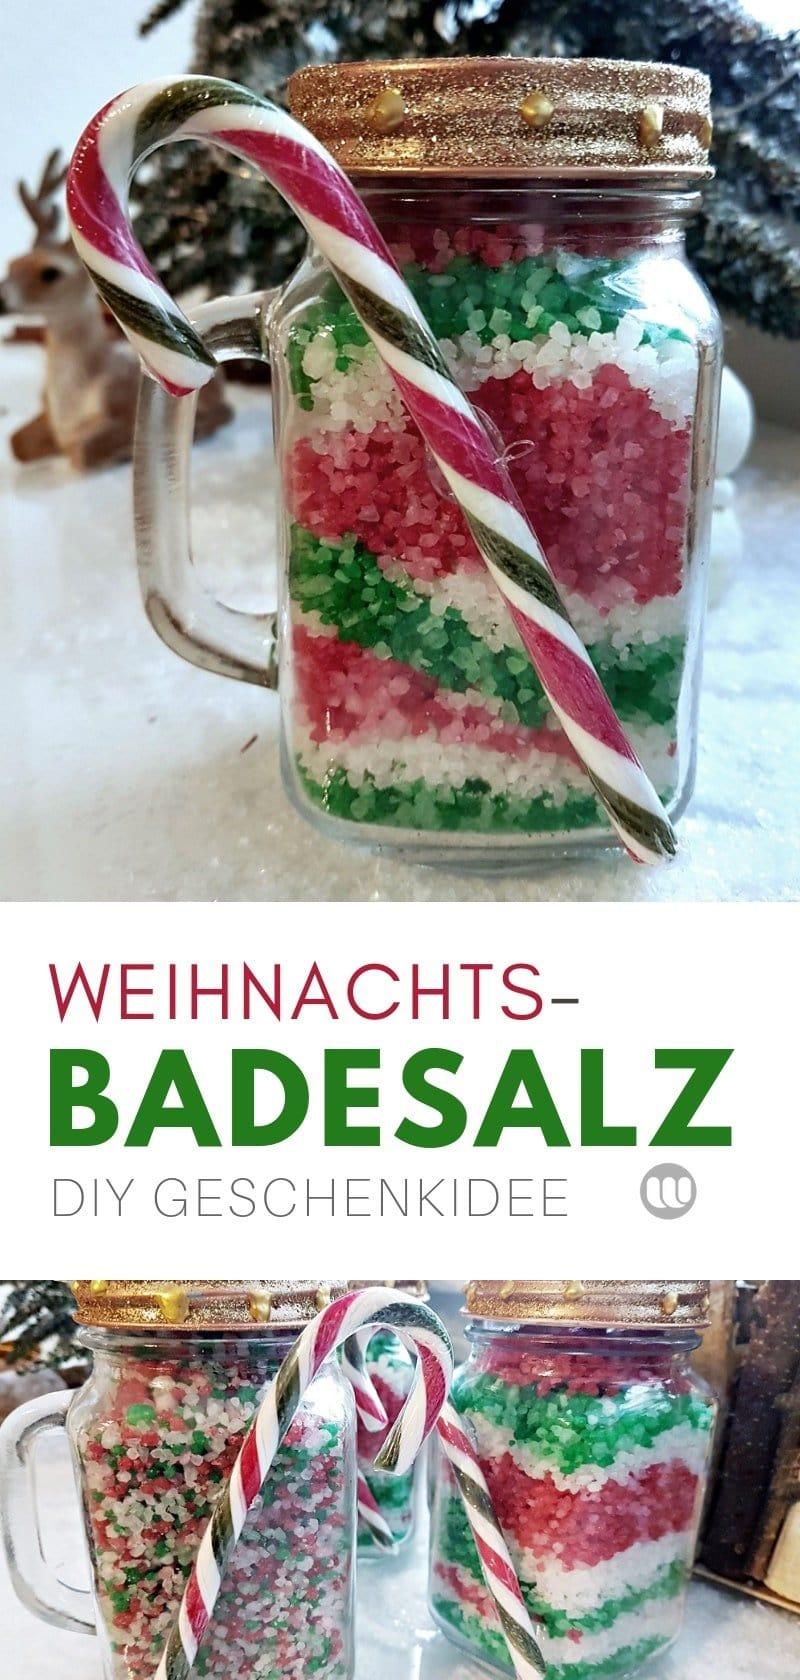 DIY Badesalz Rezept Anleitung